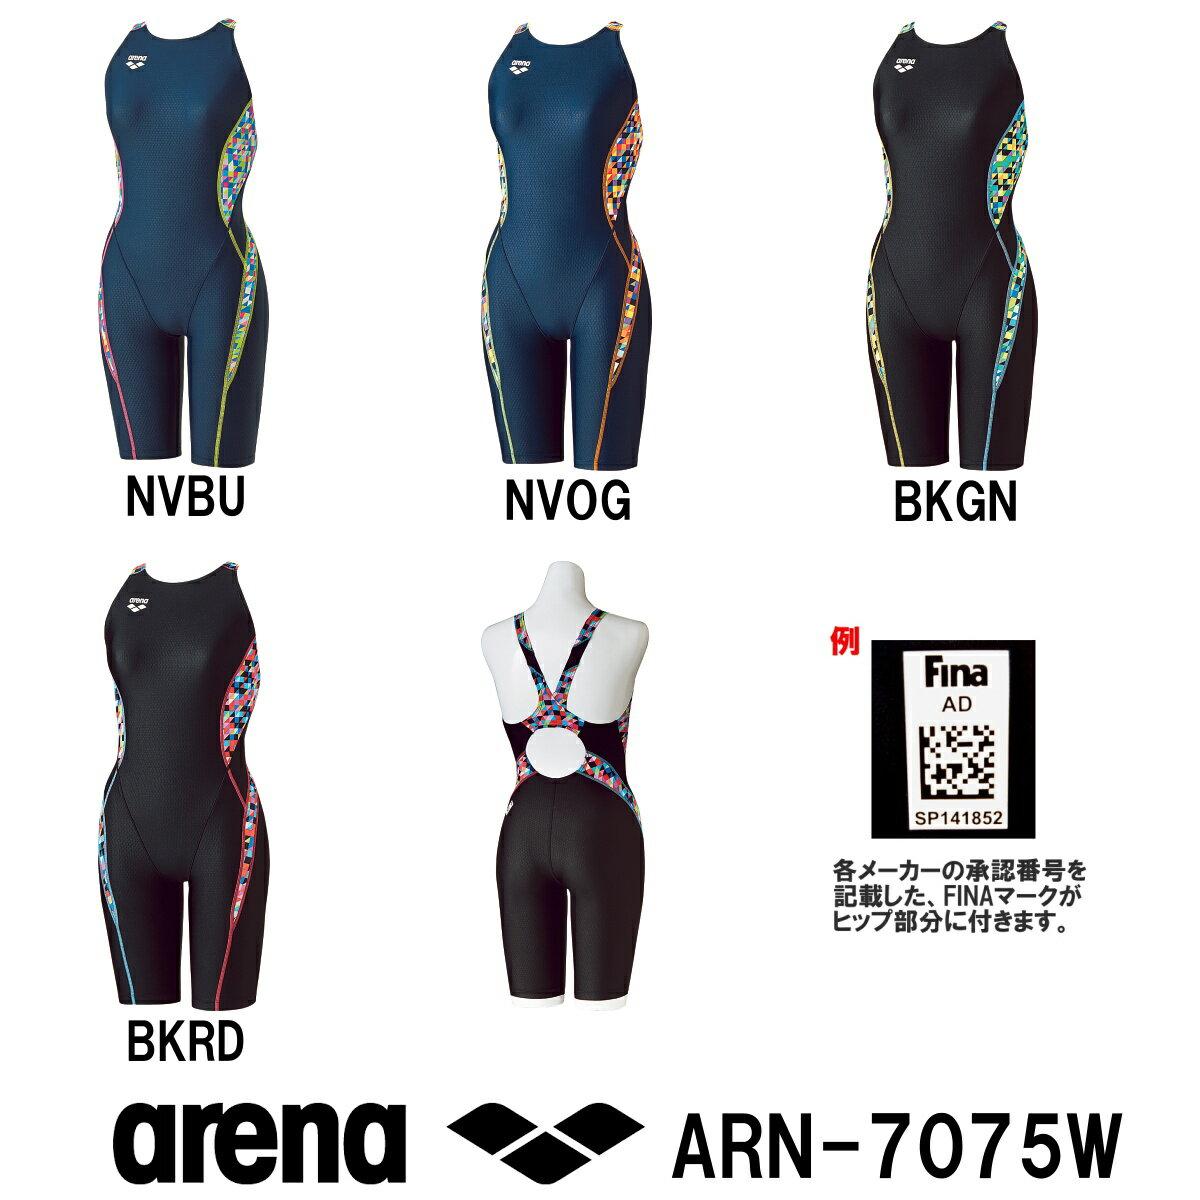 【送料無料】arena アリーナ 競泳水着 レディース スイムウェア スイミング セイフリーバックスパッツ fina承認 着やストラップ UROKO SKIN ARN-7075W